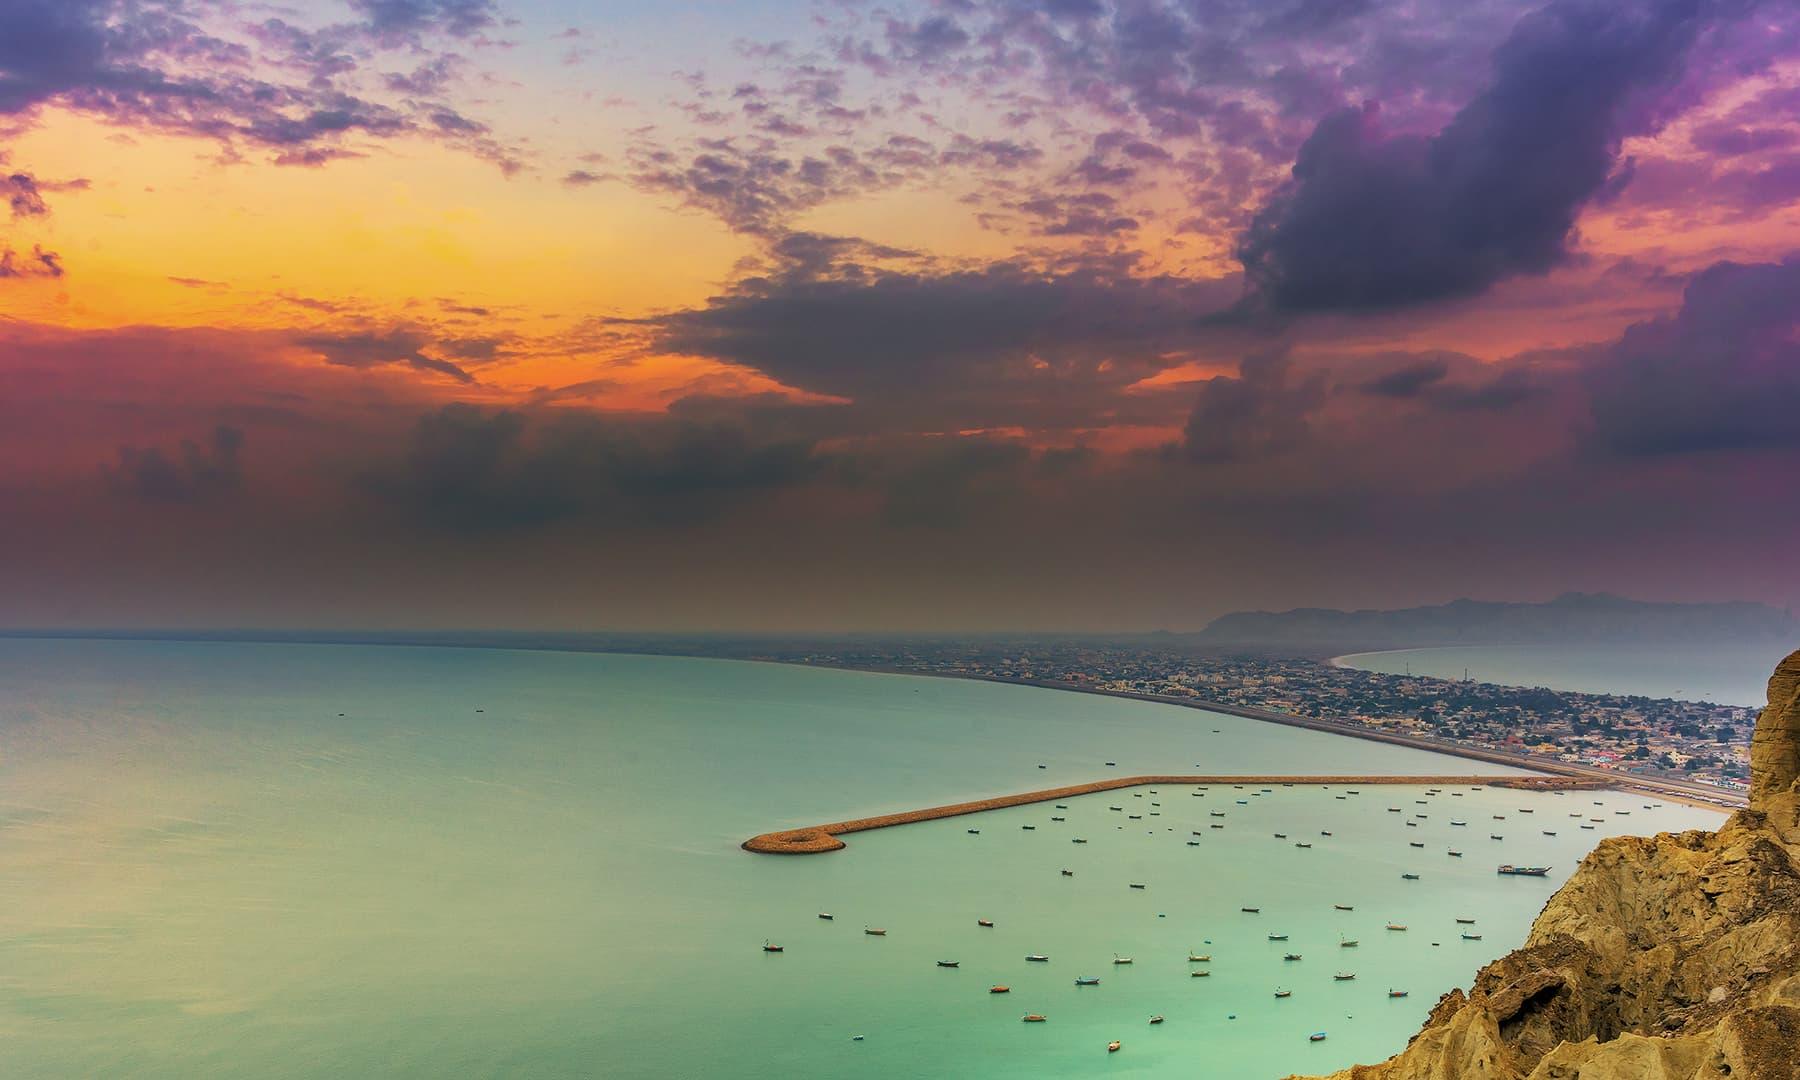 Sunrise in Gwadar - Syed Mehdi Bukhari